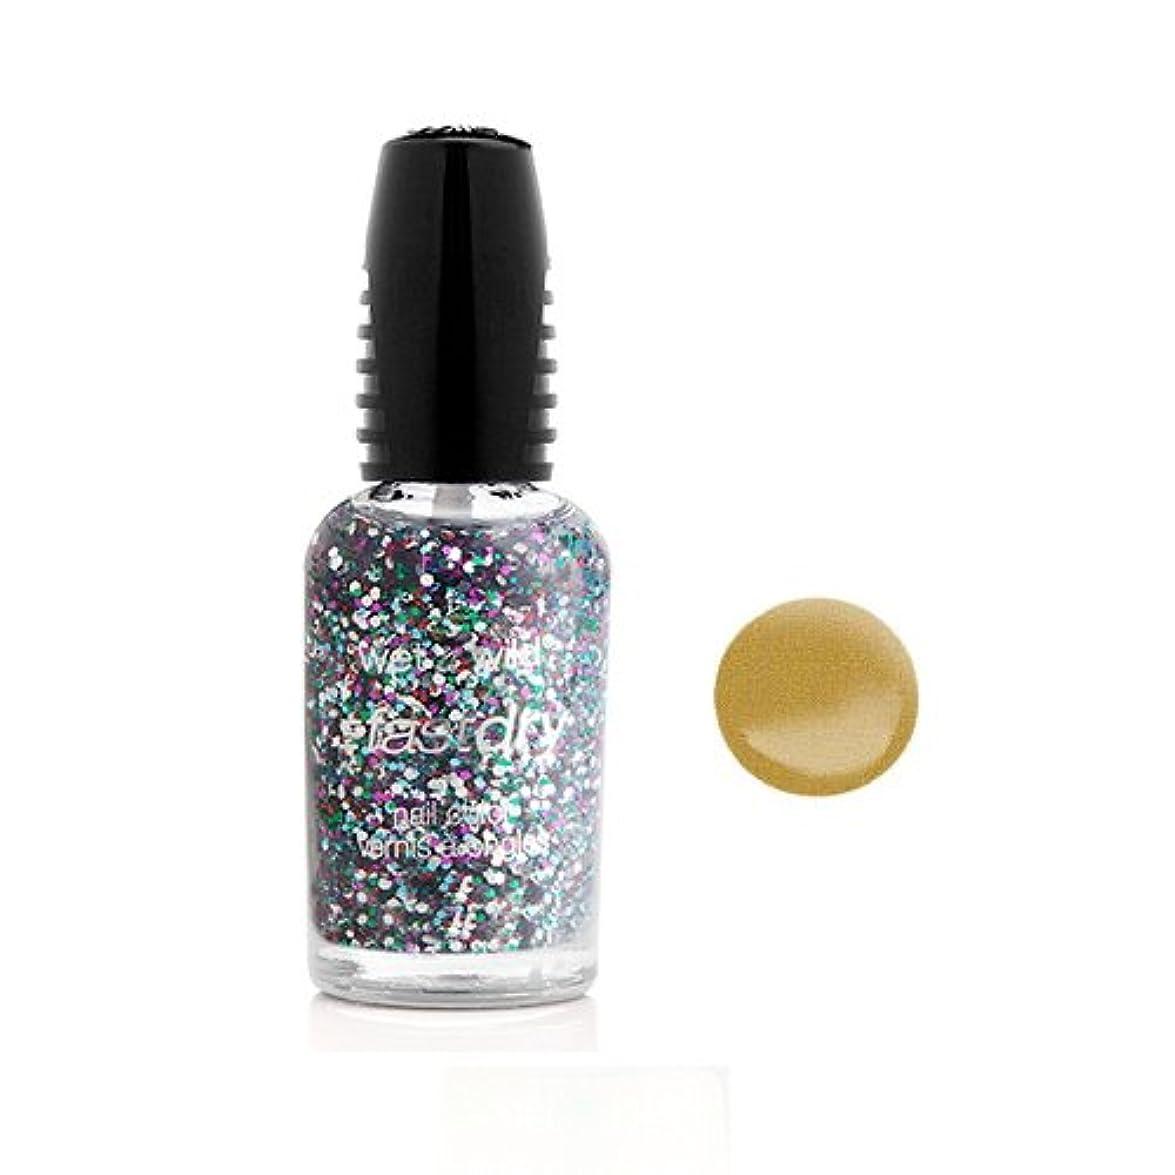 港レスリング独特の(6 Pack) WET N WILD Fastdry Nail Color - The Gold & the Beautiful (DC) (並行輸入品)